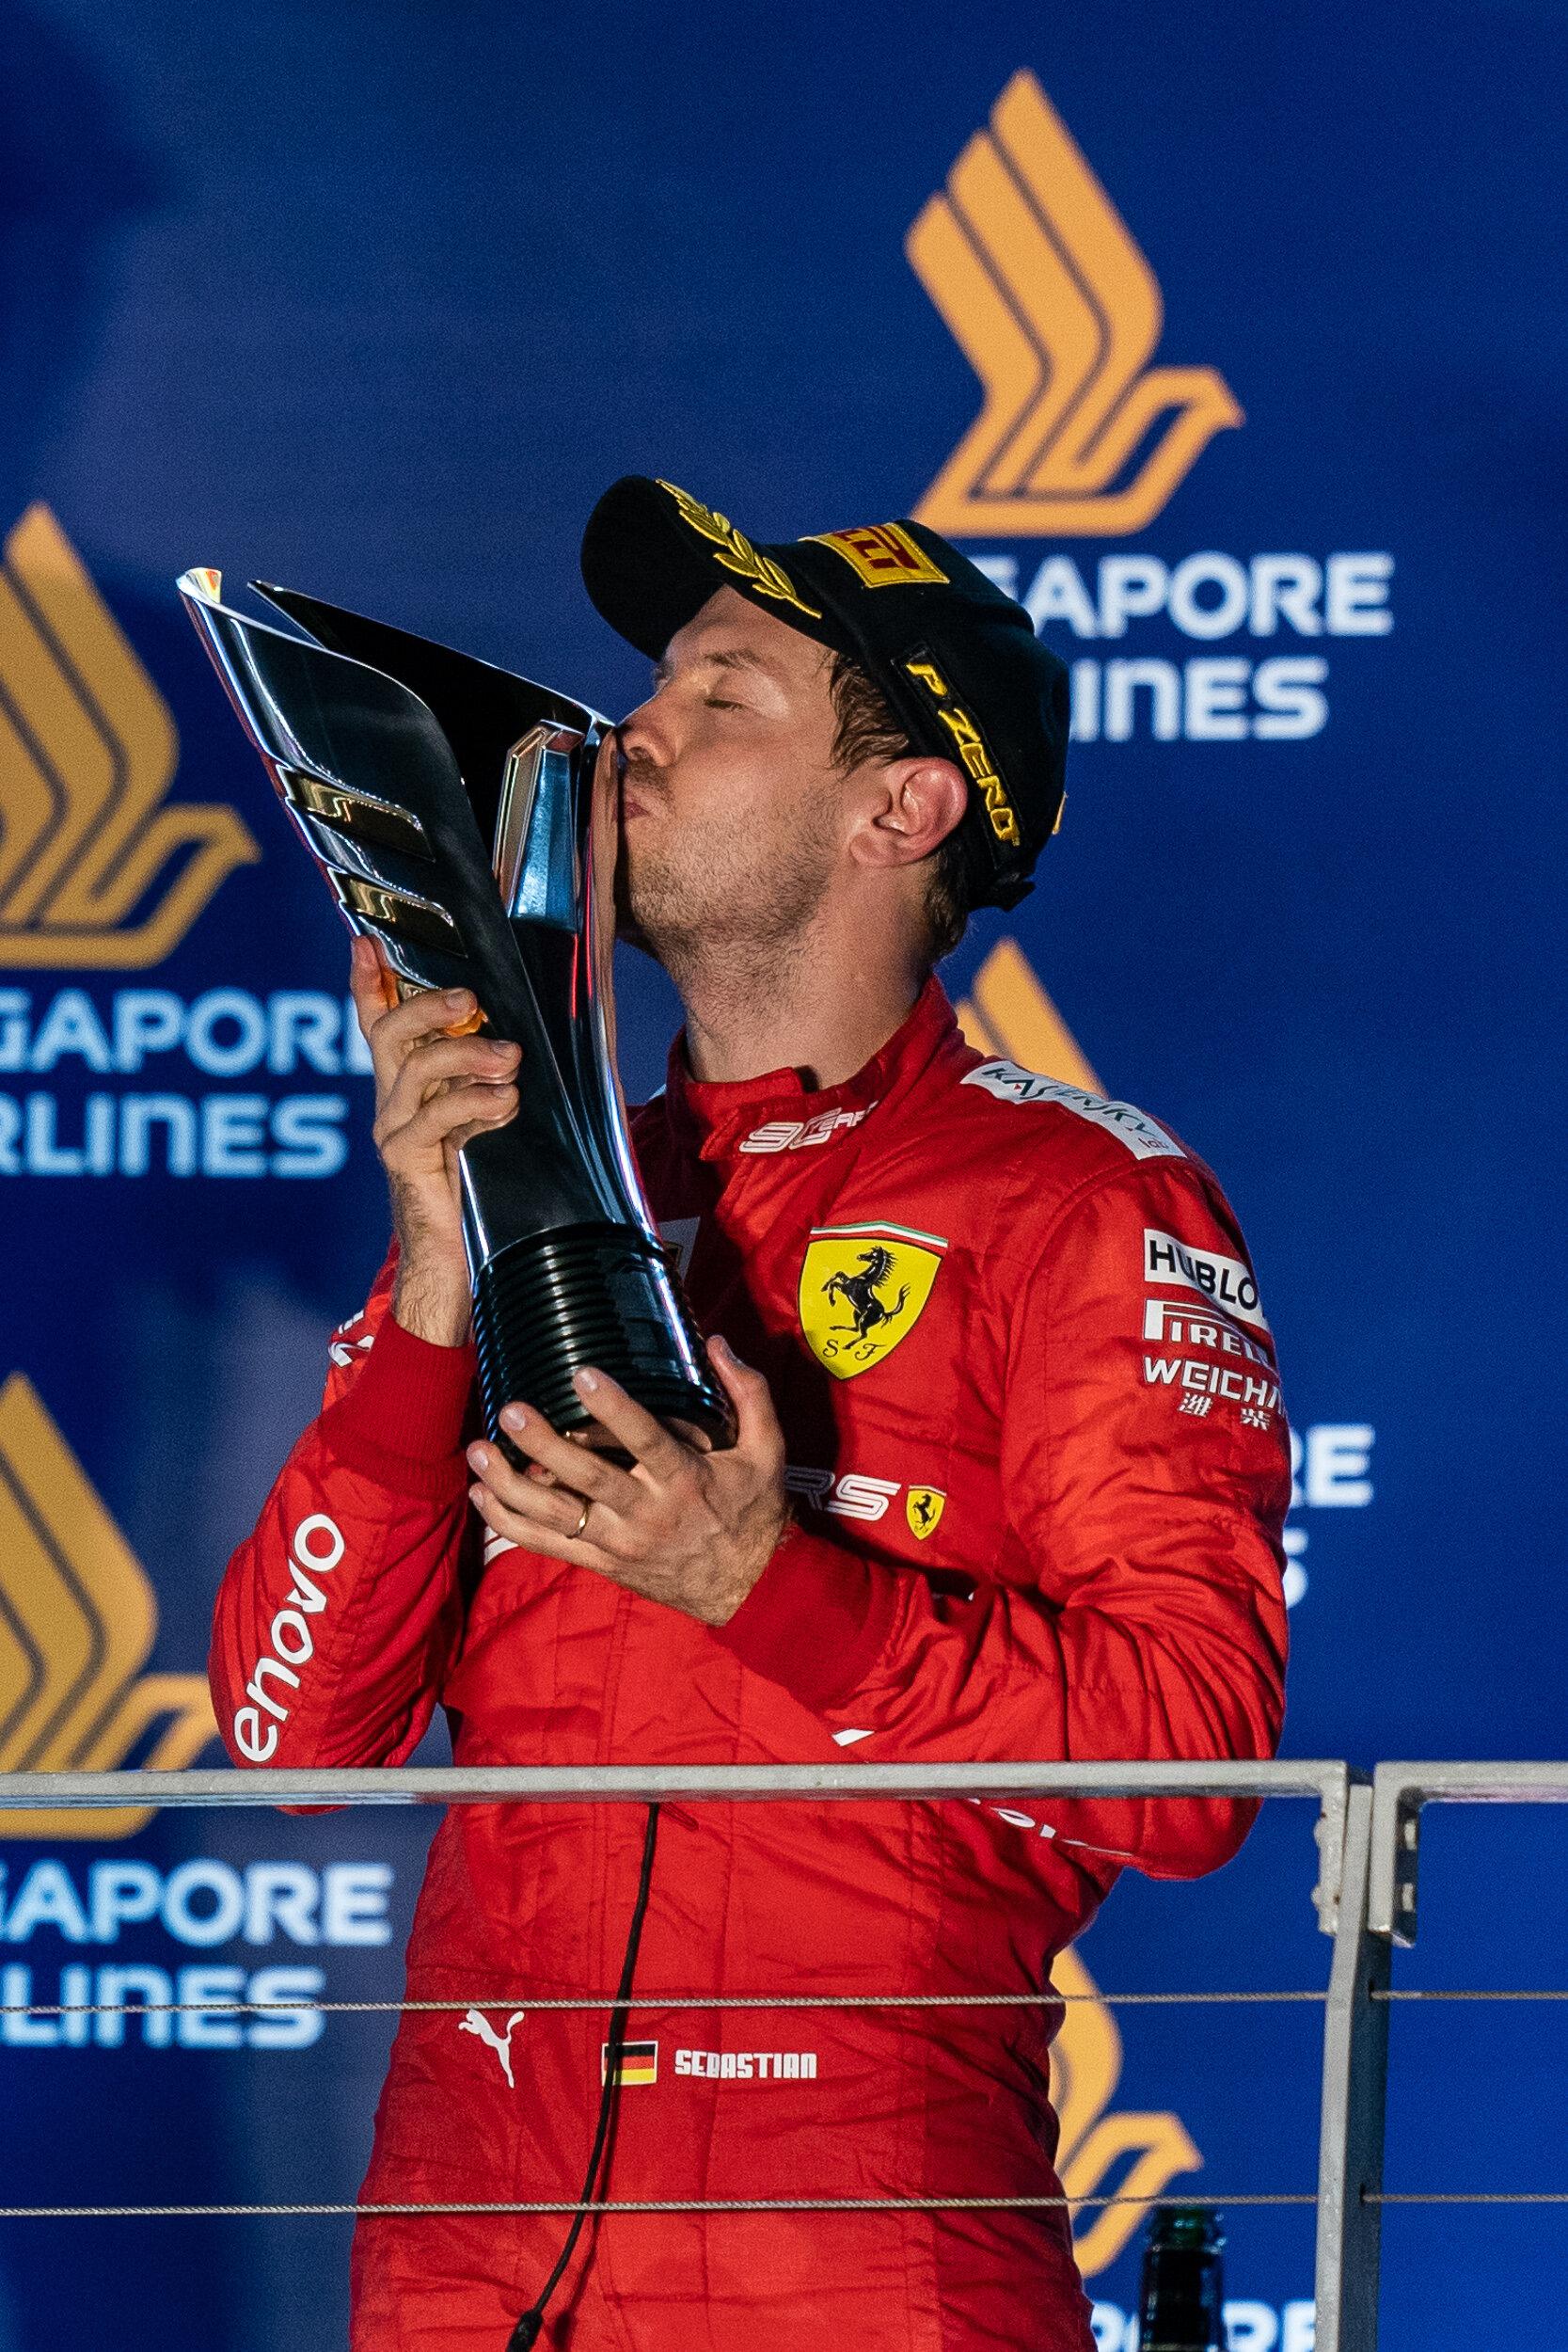 Sebastian Vettel, Singapore Grand Prix